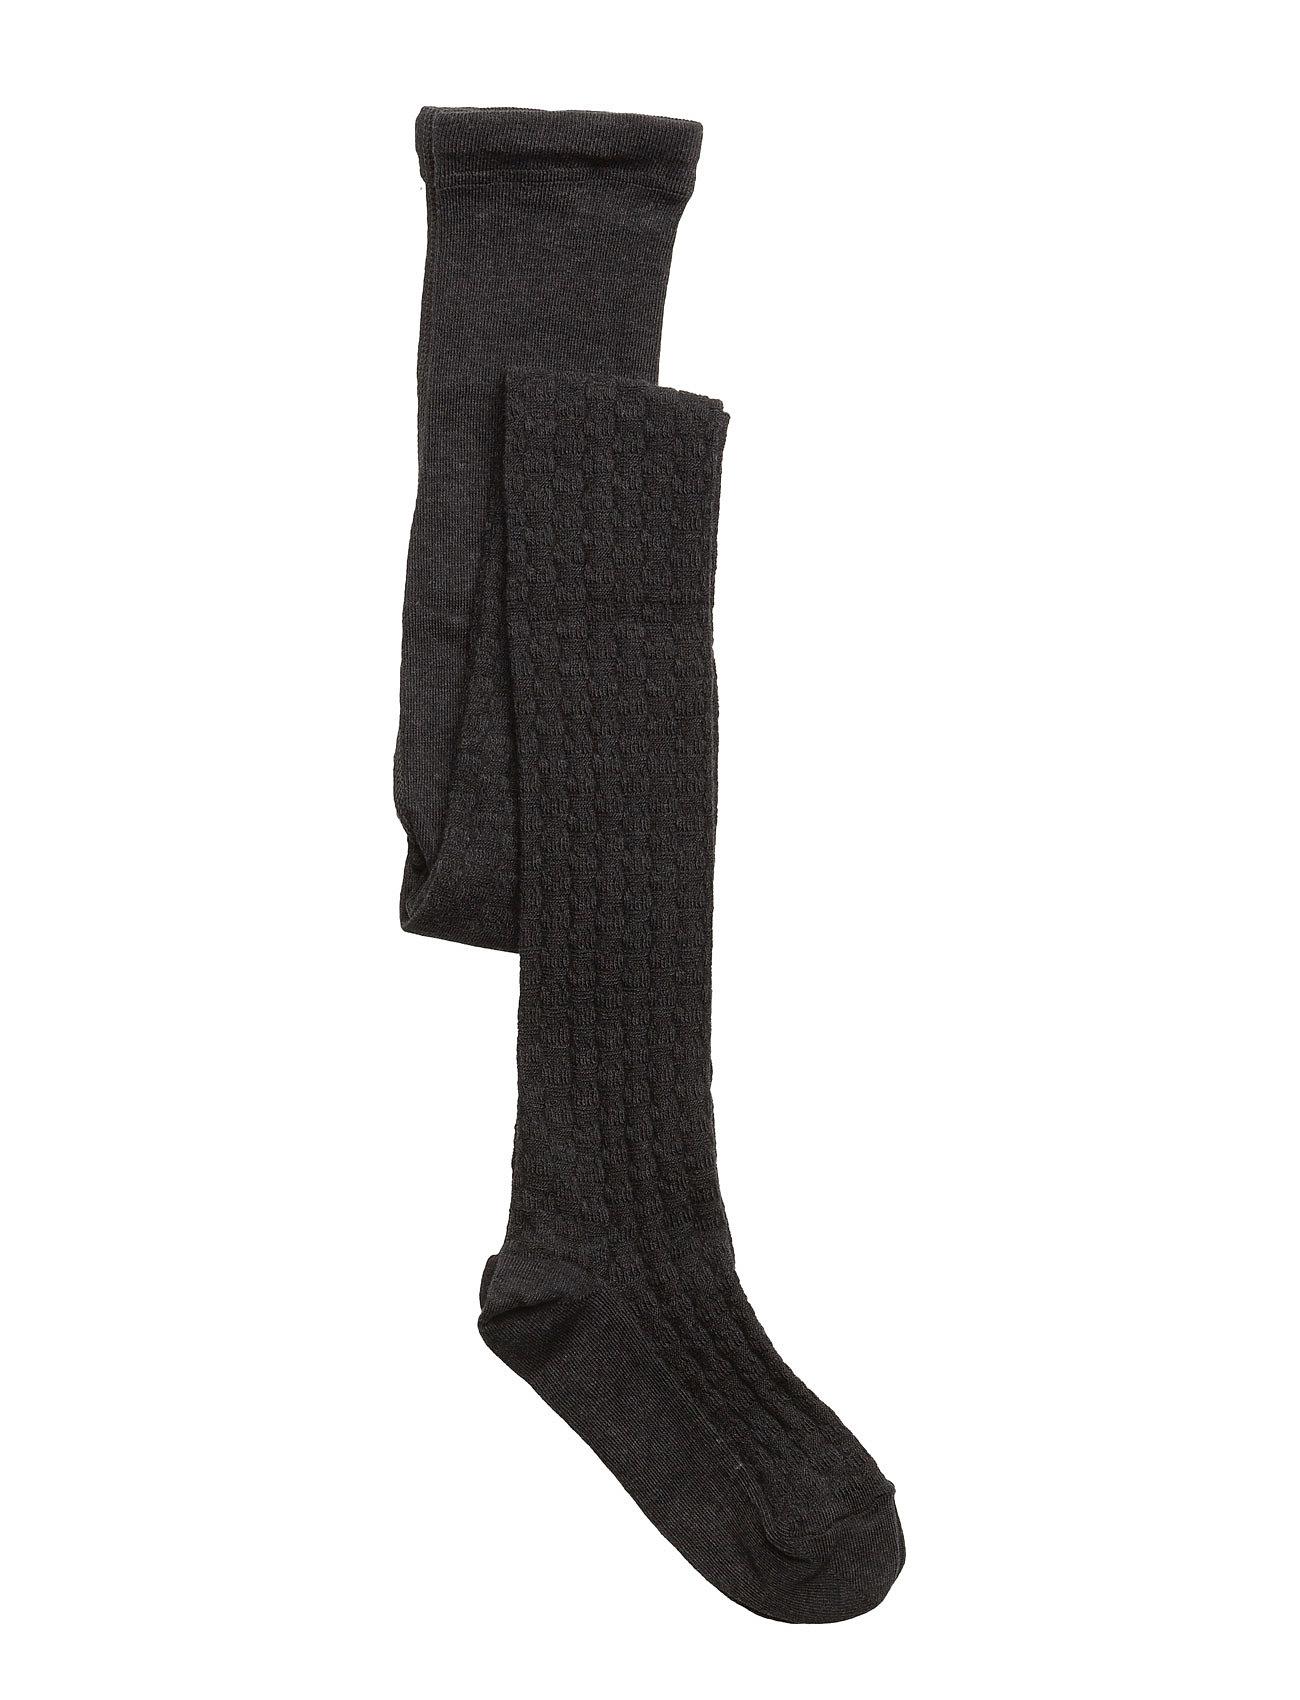 Tights - Knitted Structure Melton Strømper & Strømpebukser til Børn i